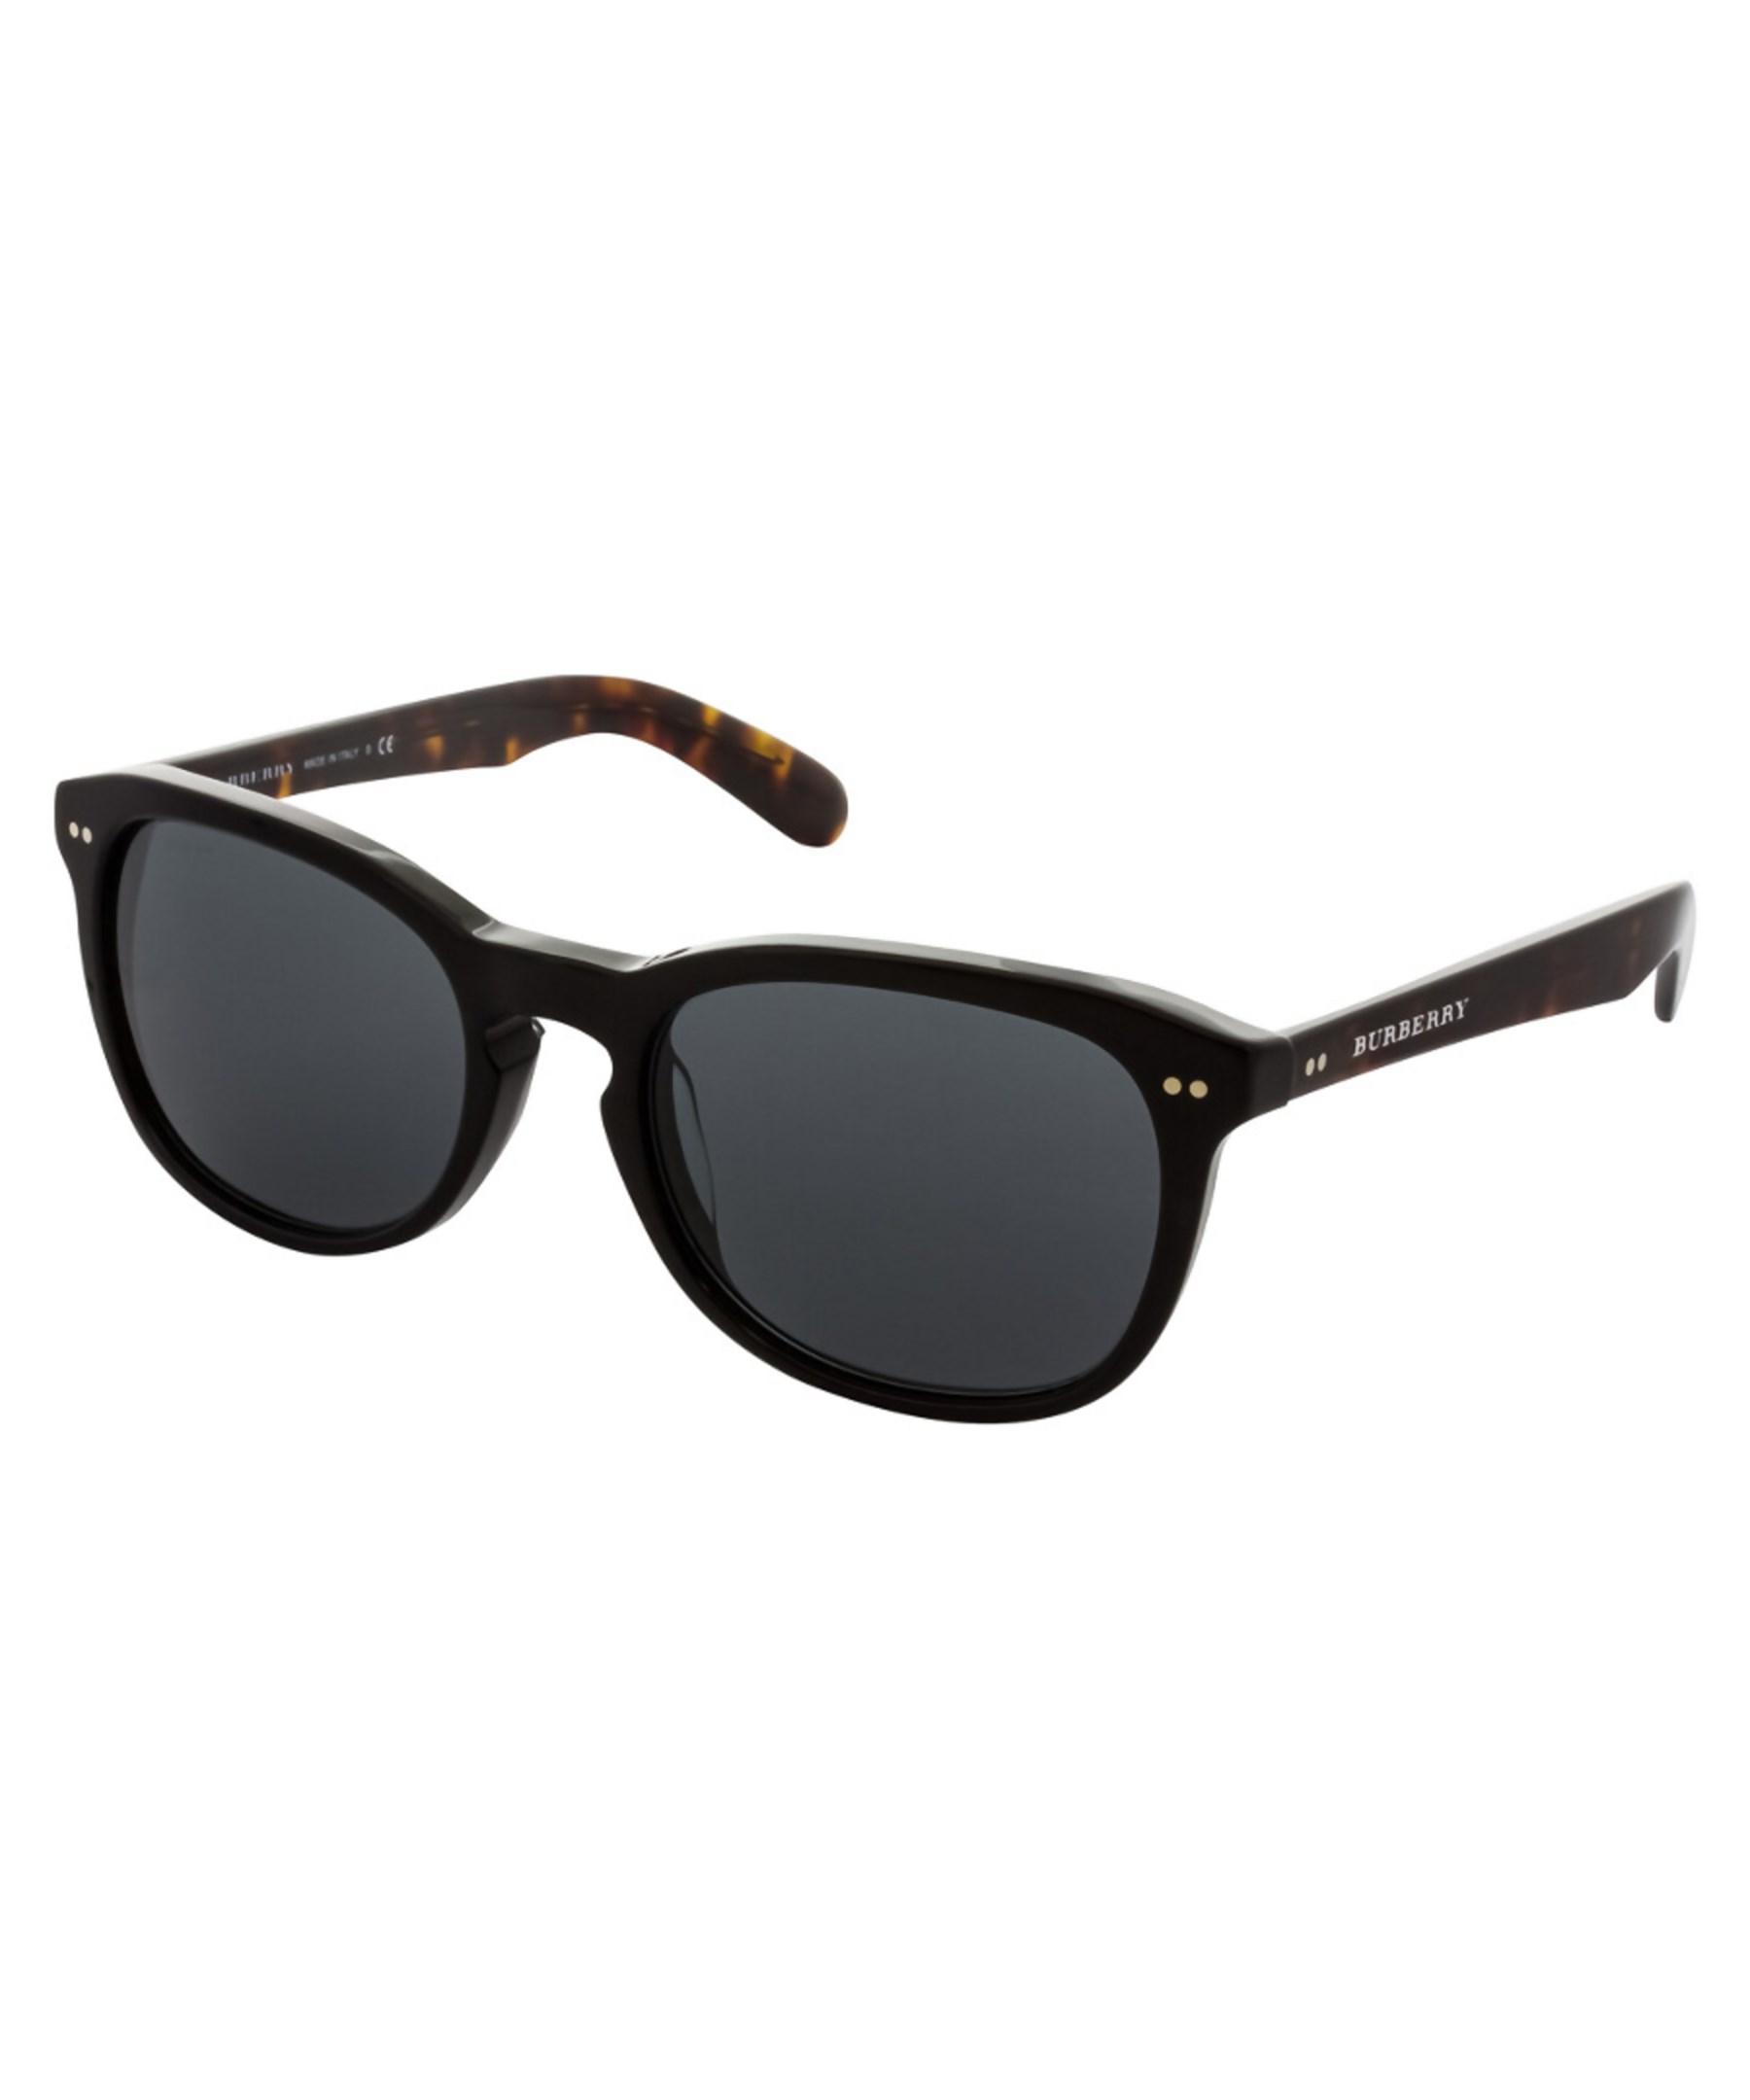 e55fa624555 Lyst - Burberry Men s Be4214f 355487 Sunglasses in Black for Men